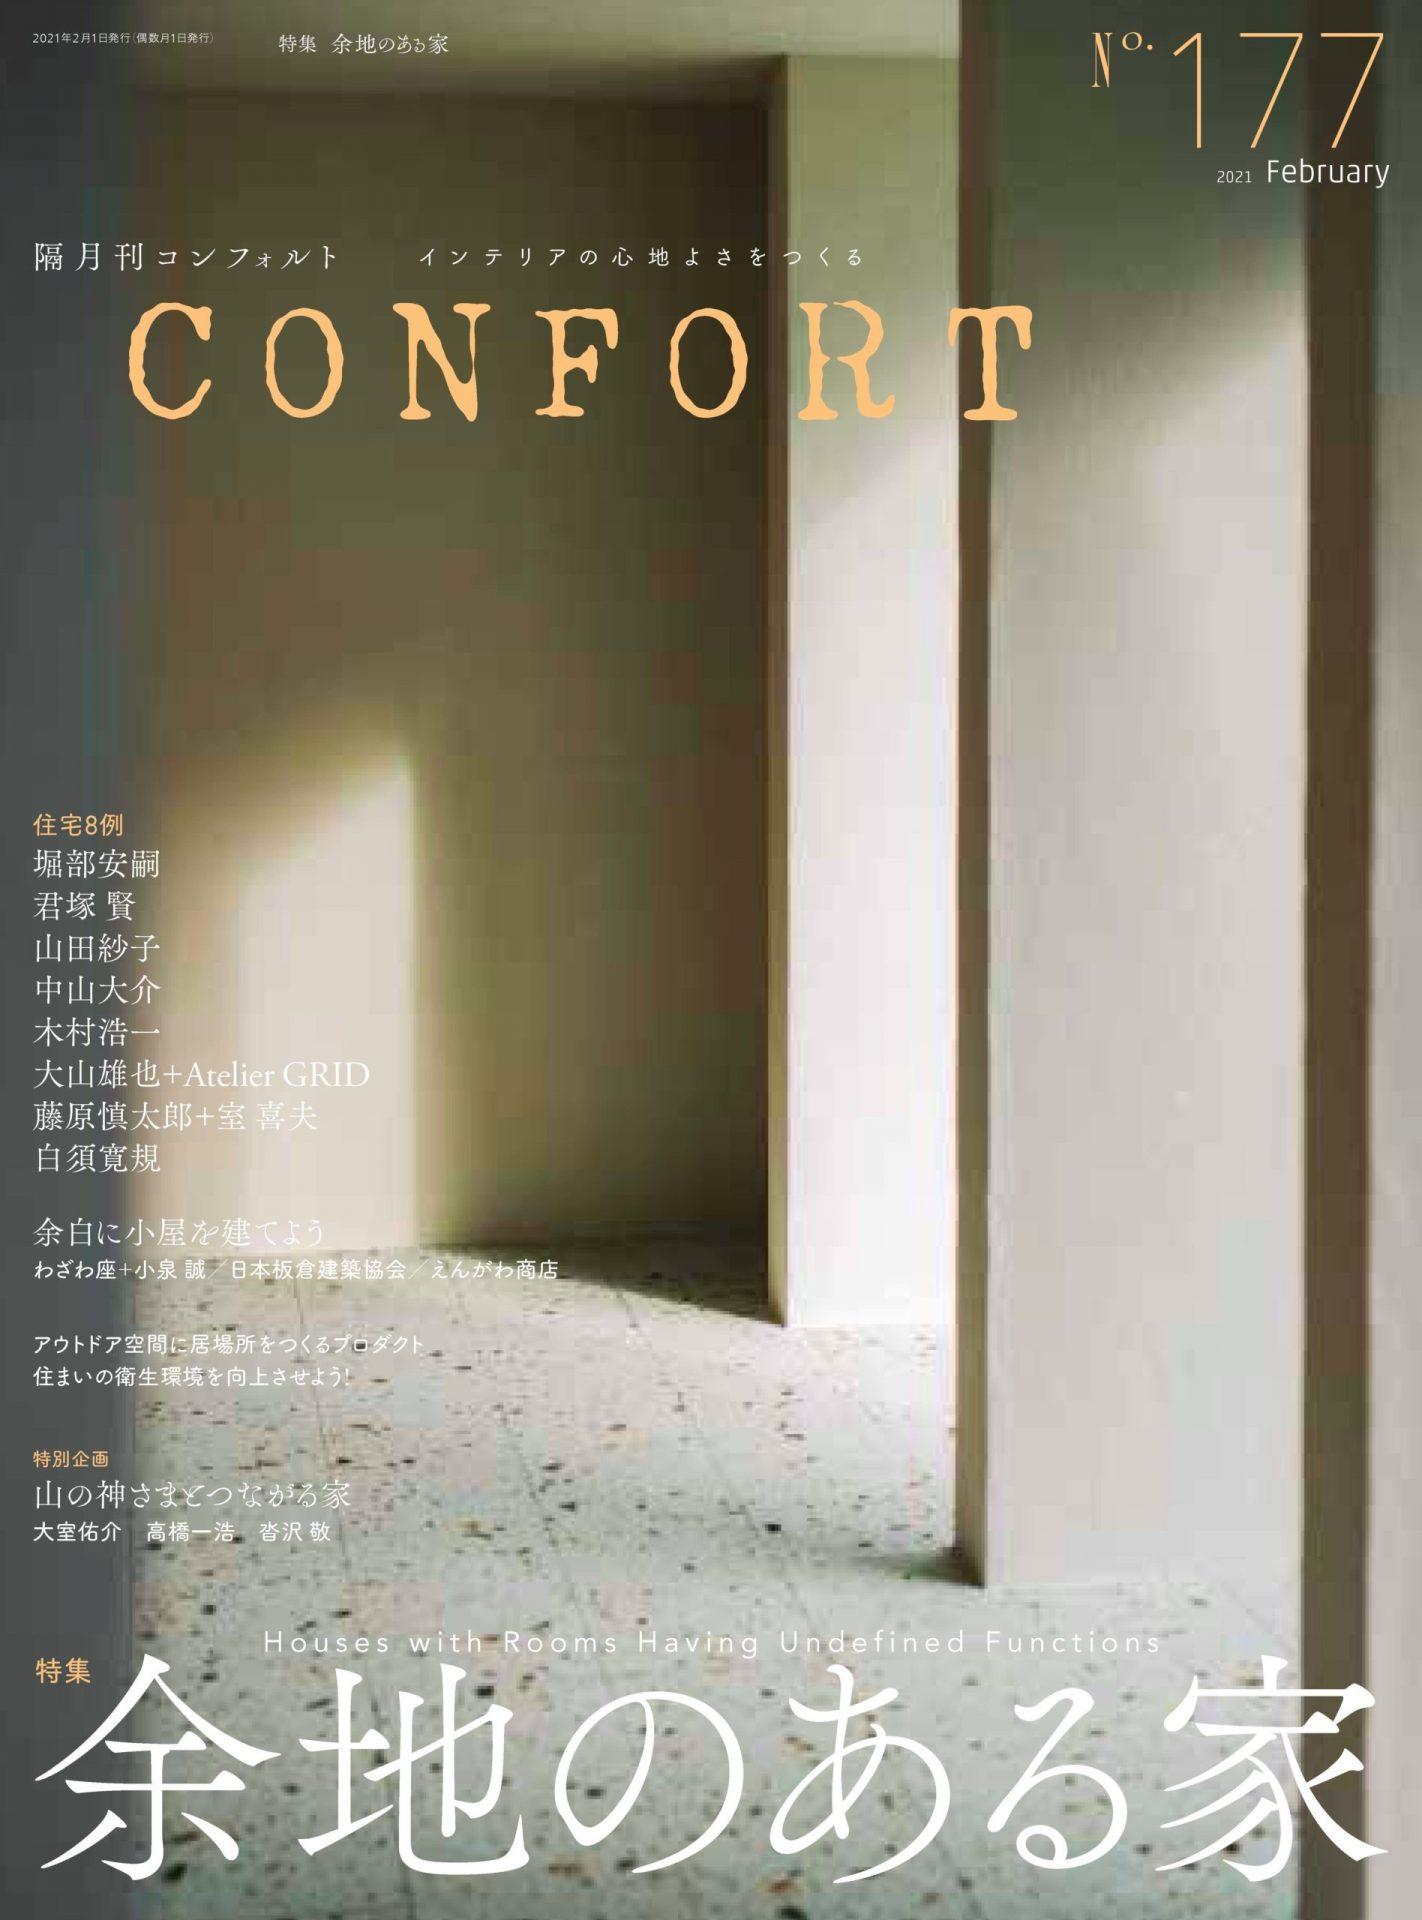 177建築インテリア雑誌コンフォルト